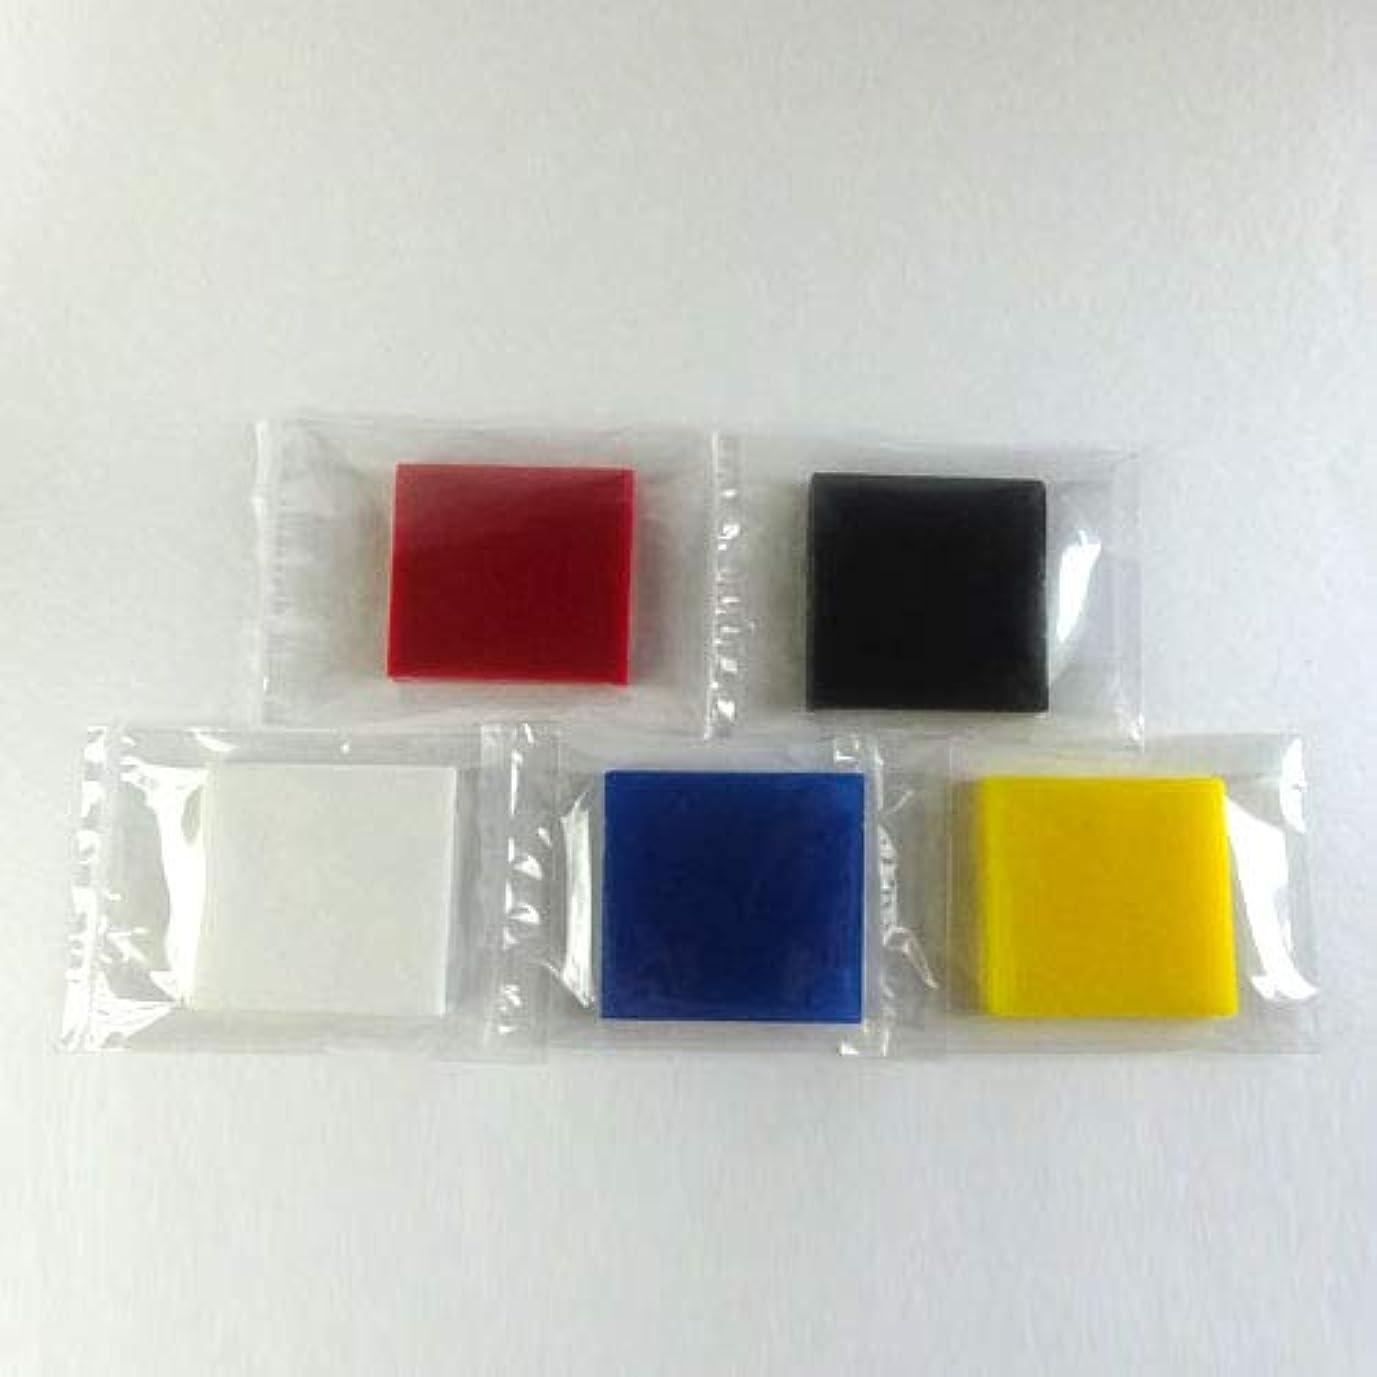 マーケティング潜むモードリングリセリンソープ MPソープ 色チップ 5色(赤?青?黄?白?黒) 各120g(30g x 4pc)